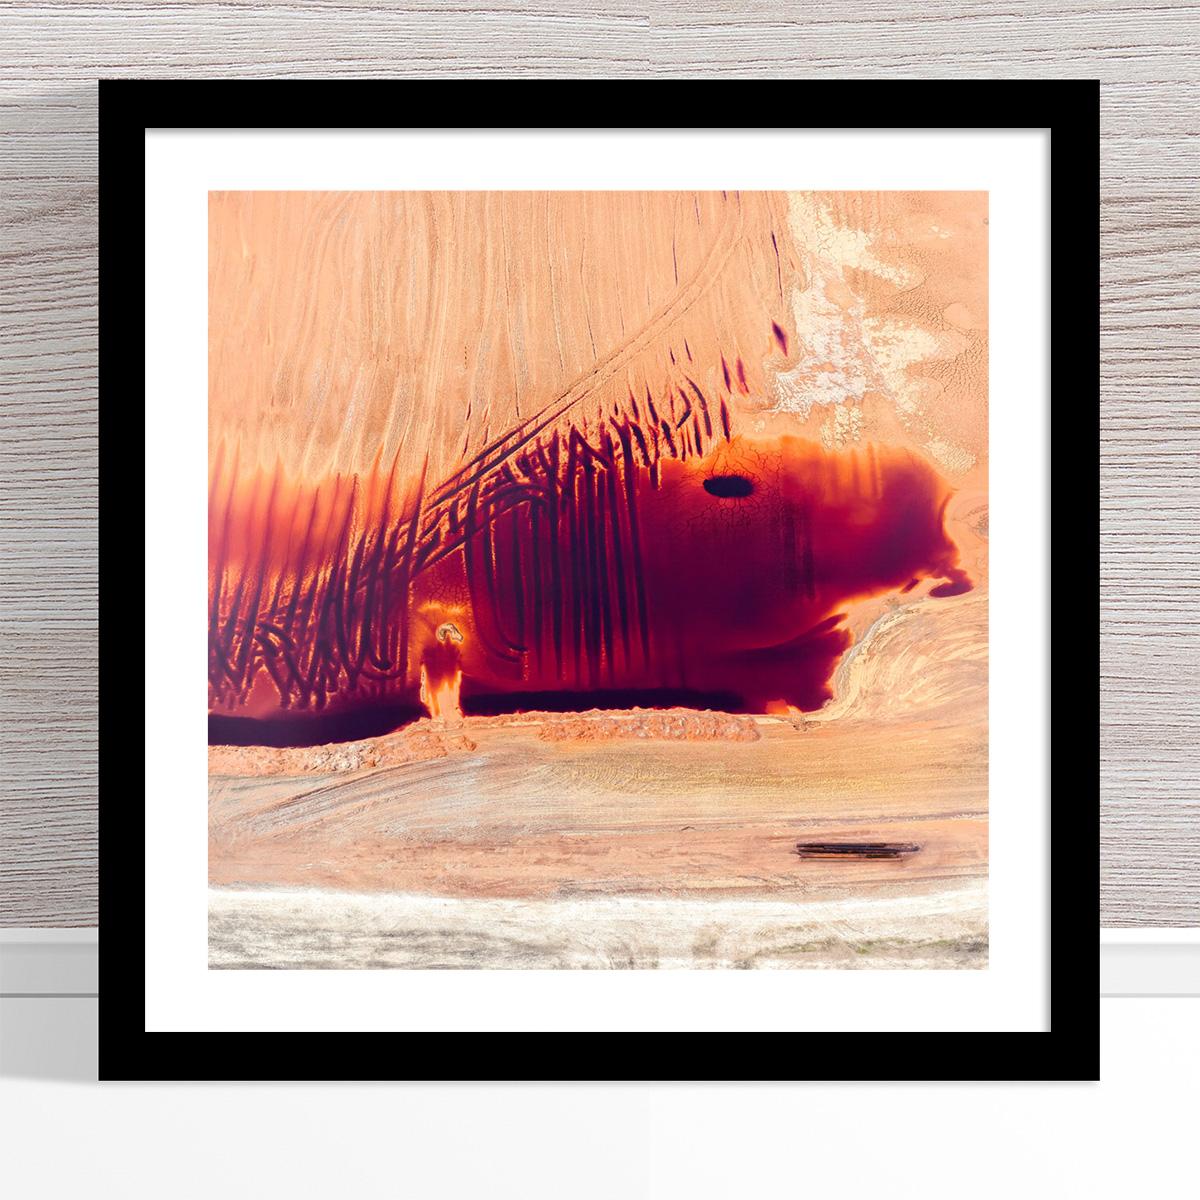 Chris Saunders - 'Aerial Alcoa 003' Black Frame